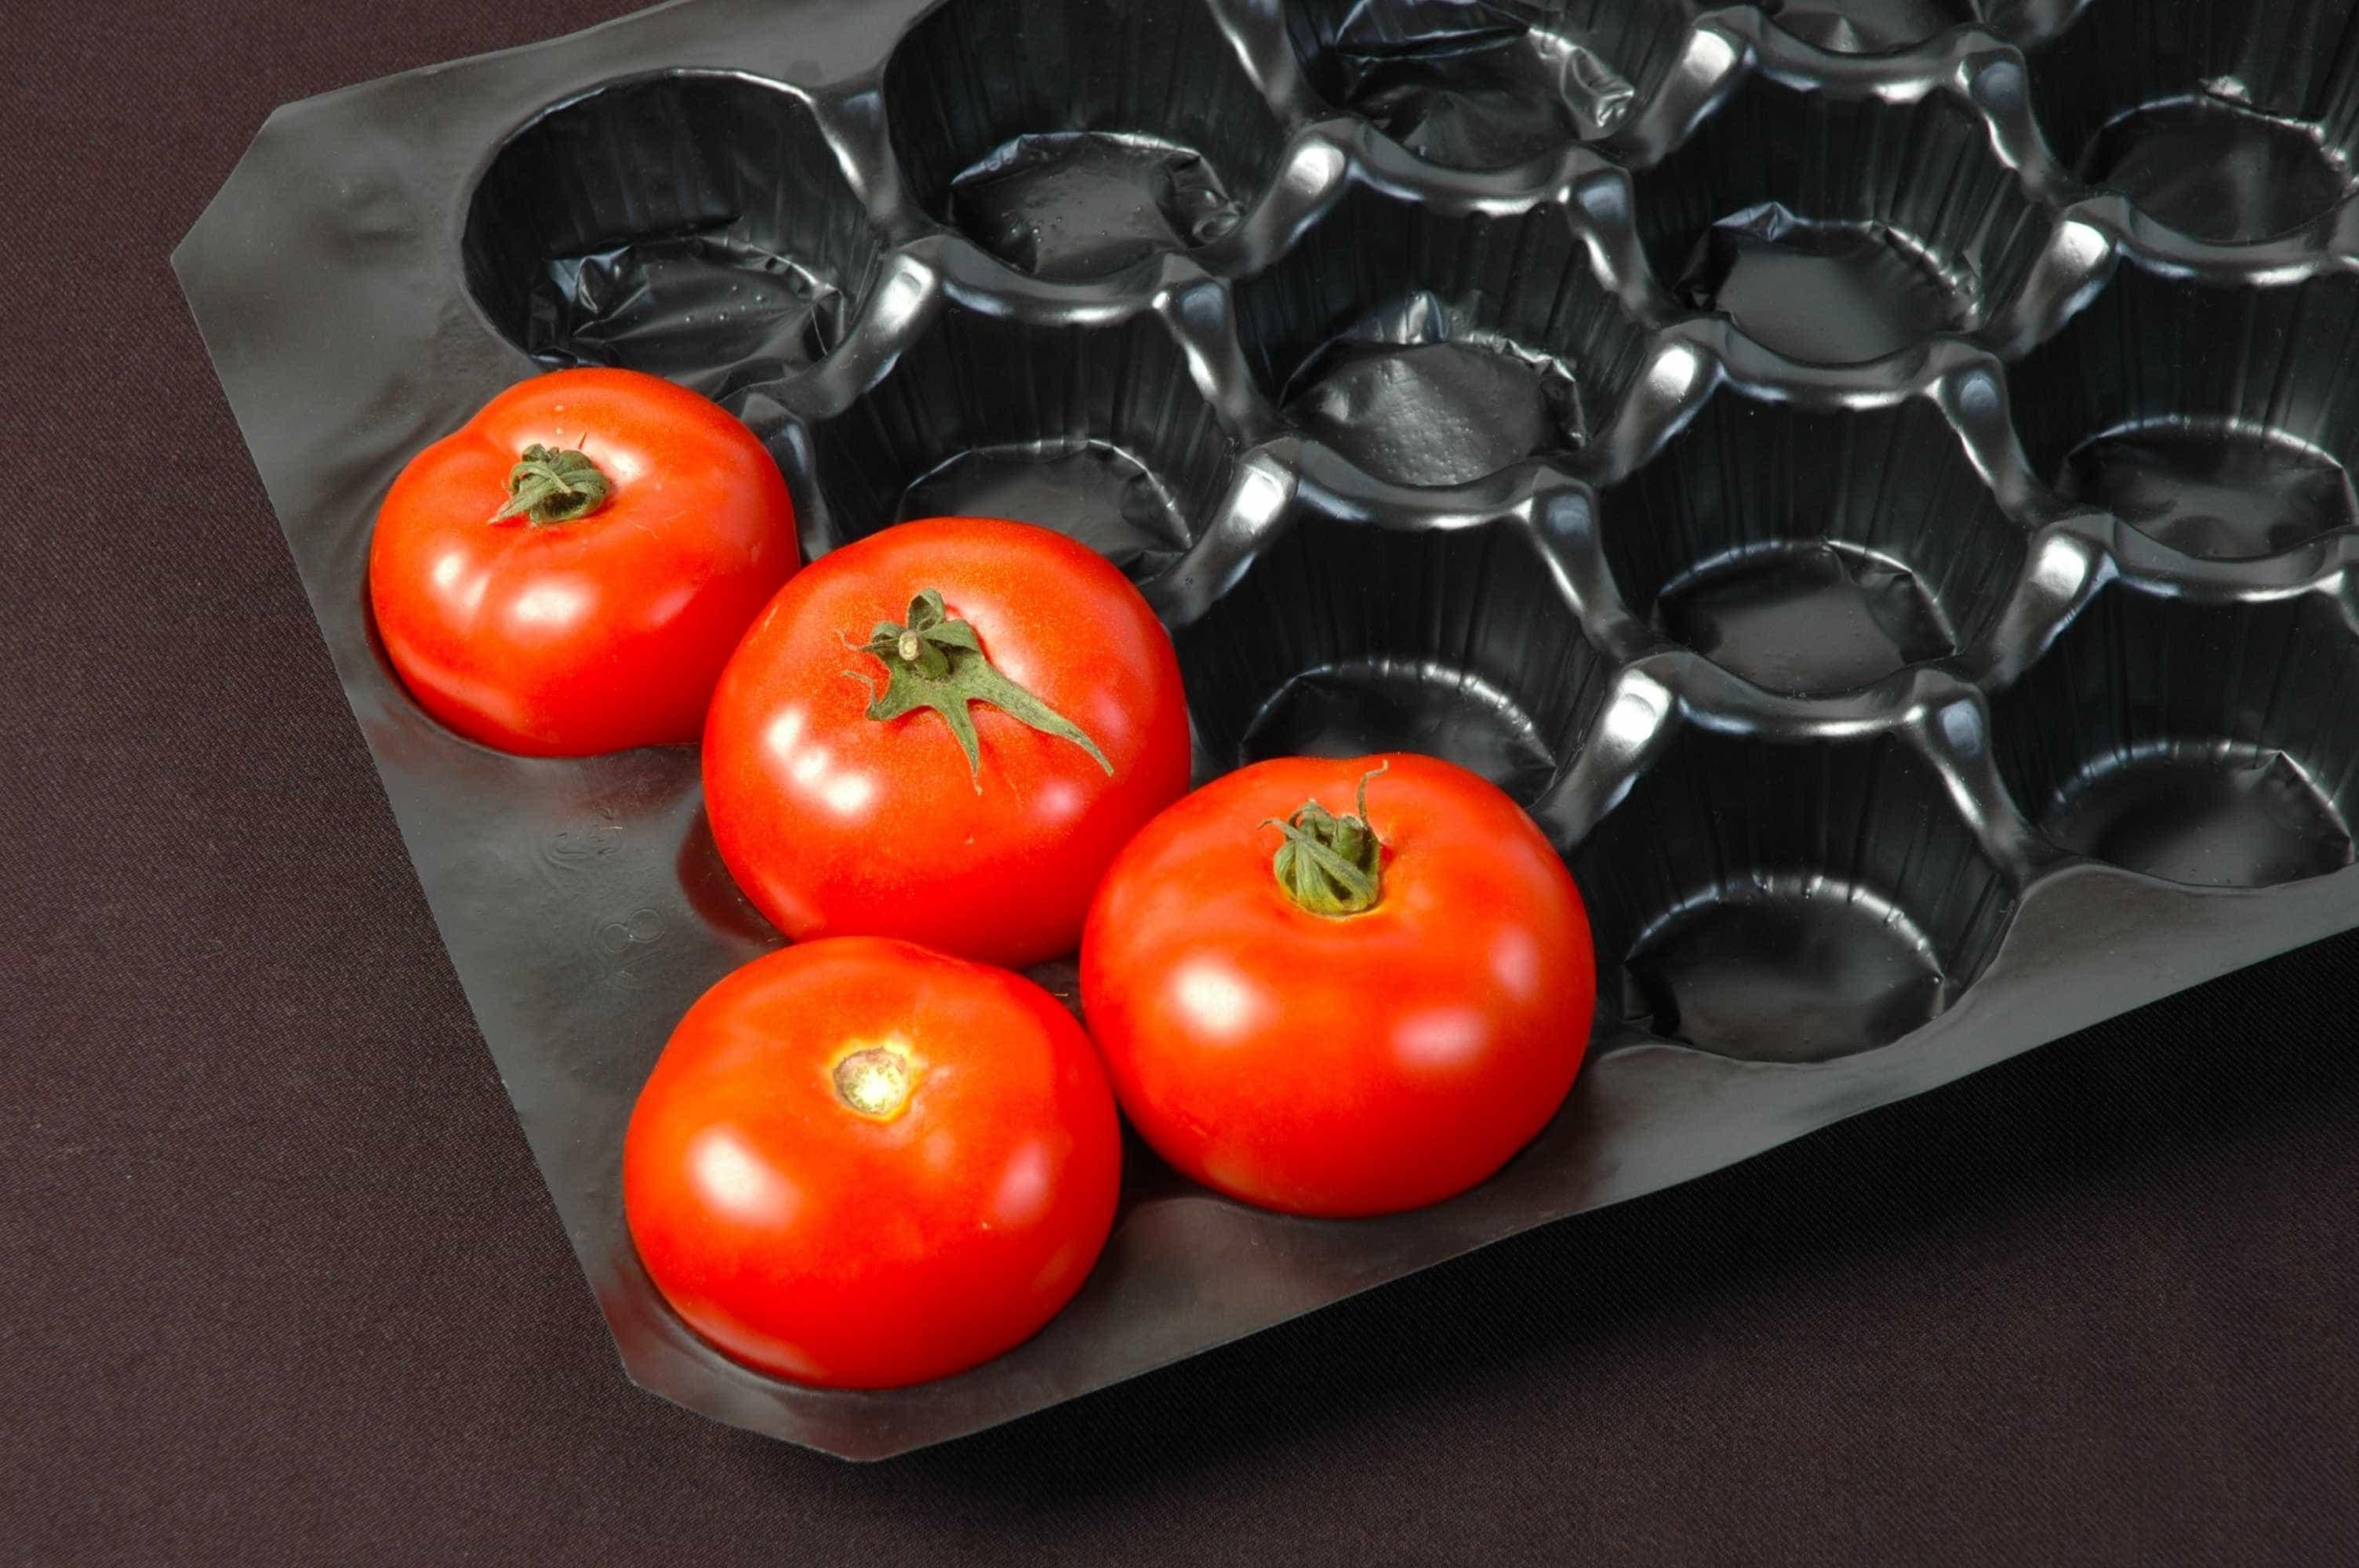 Saiba escolher e armazenar corretamente legumes e verduras